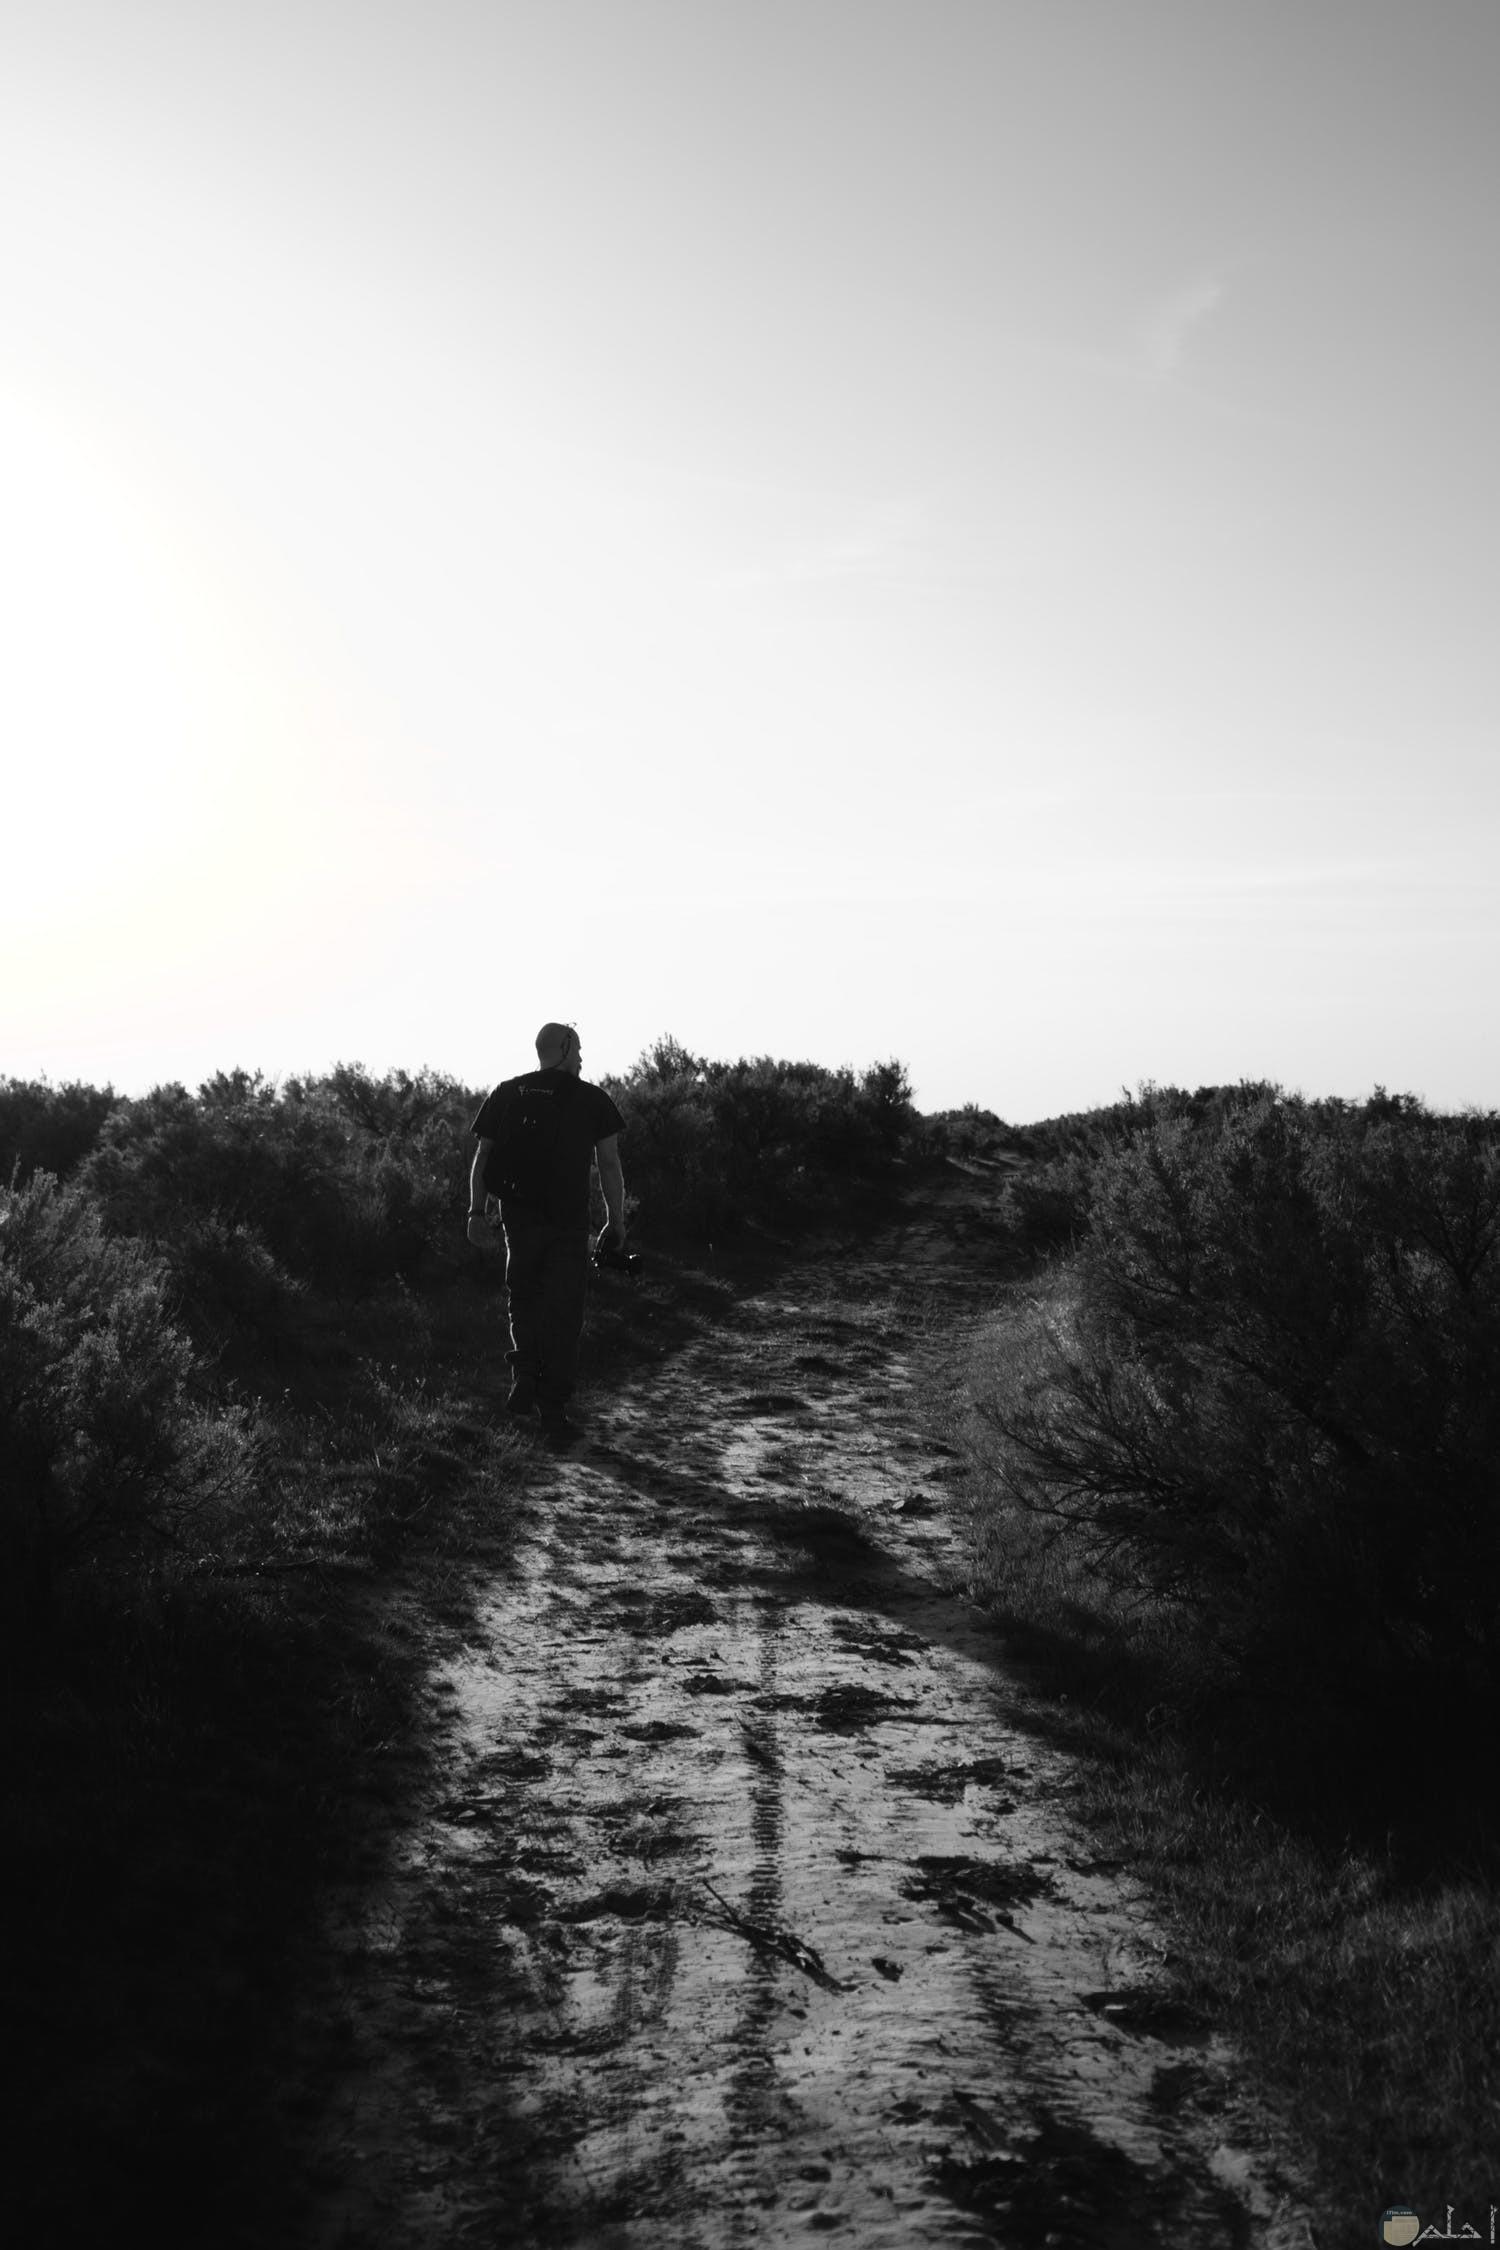 رجل يمشي في غابة وحيداً